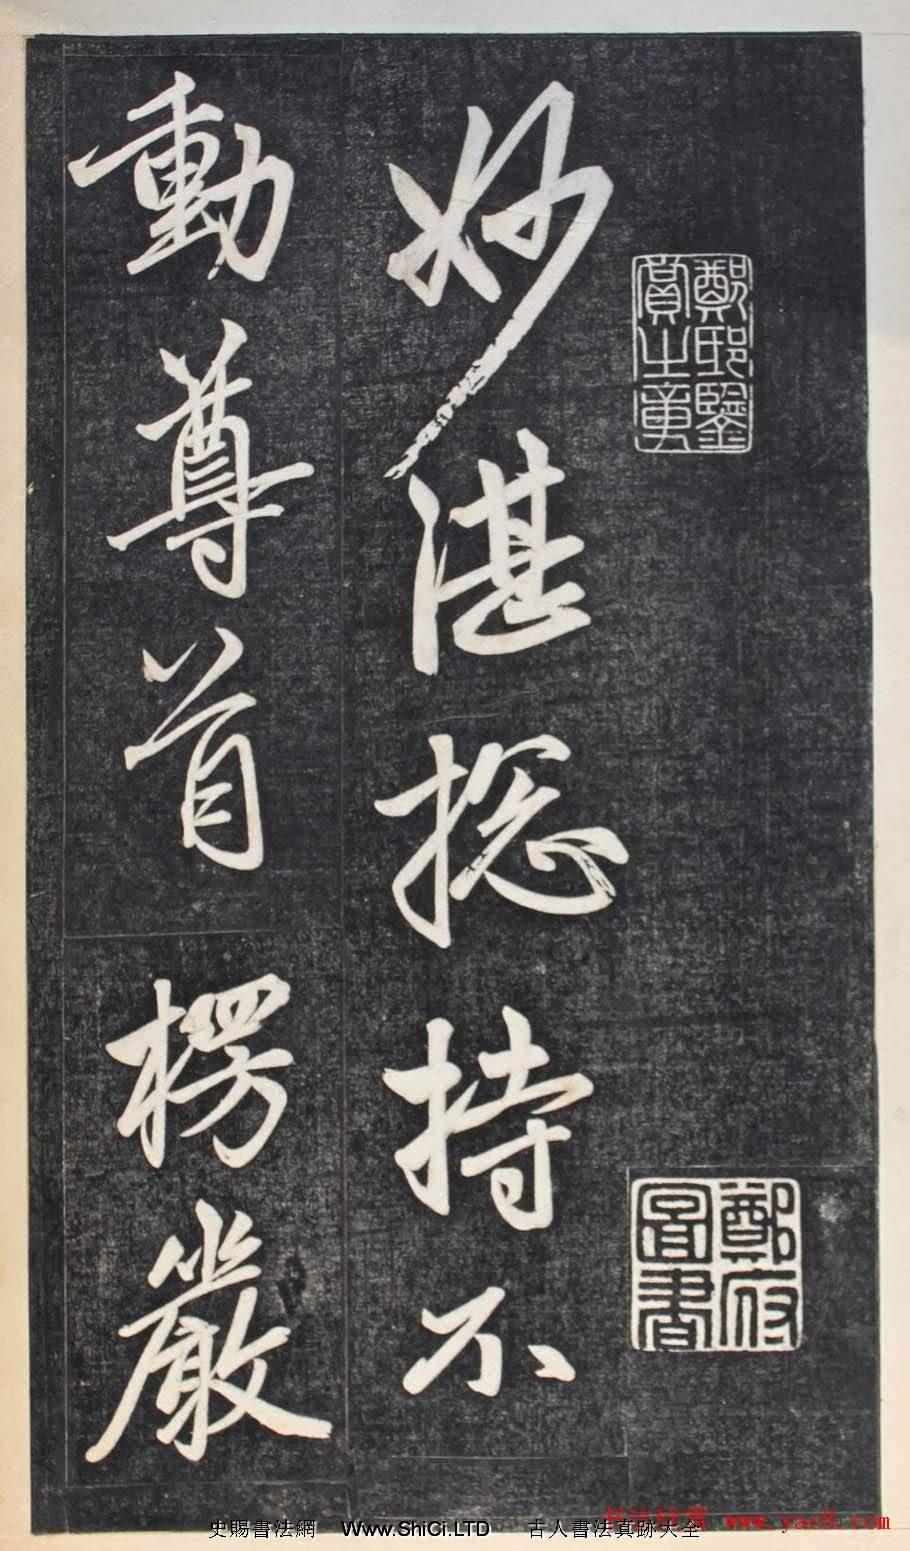 元代書壇領袖趙孟頫行書真跡欣賞《楞嚴經》(共10張圖片)